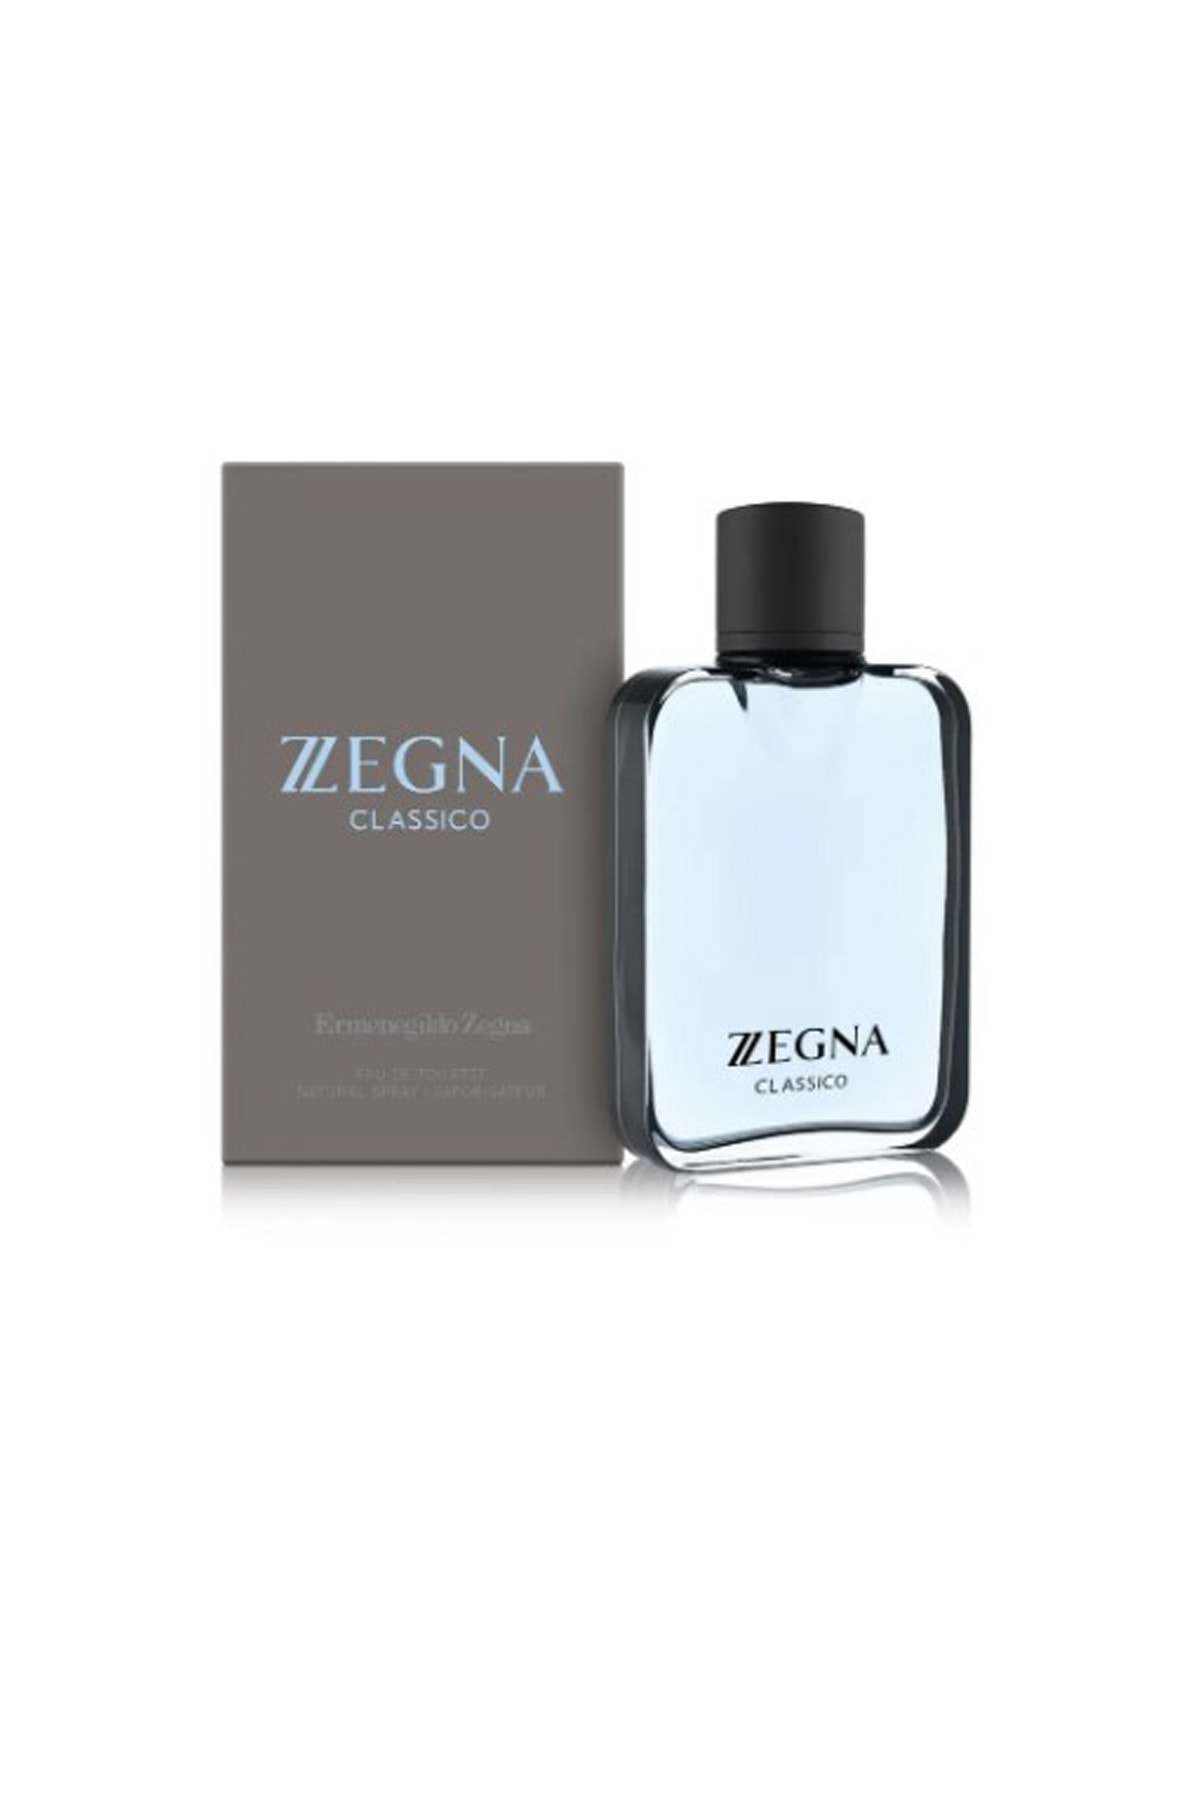 ZEGNA Ermenegildo Z Classico Edt 100 ml Erkek Parfüm 022548414897 1